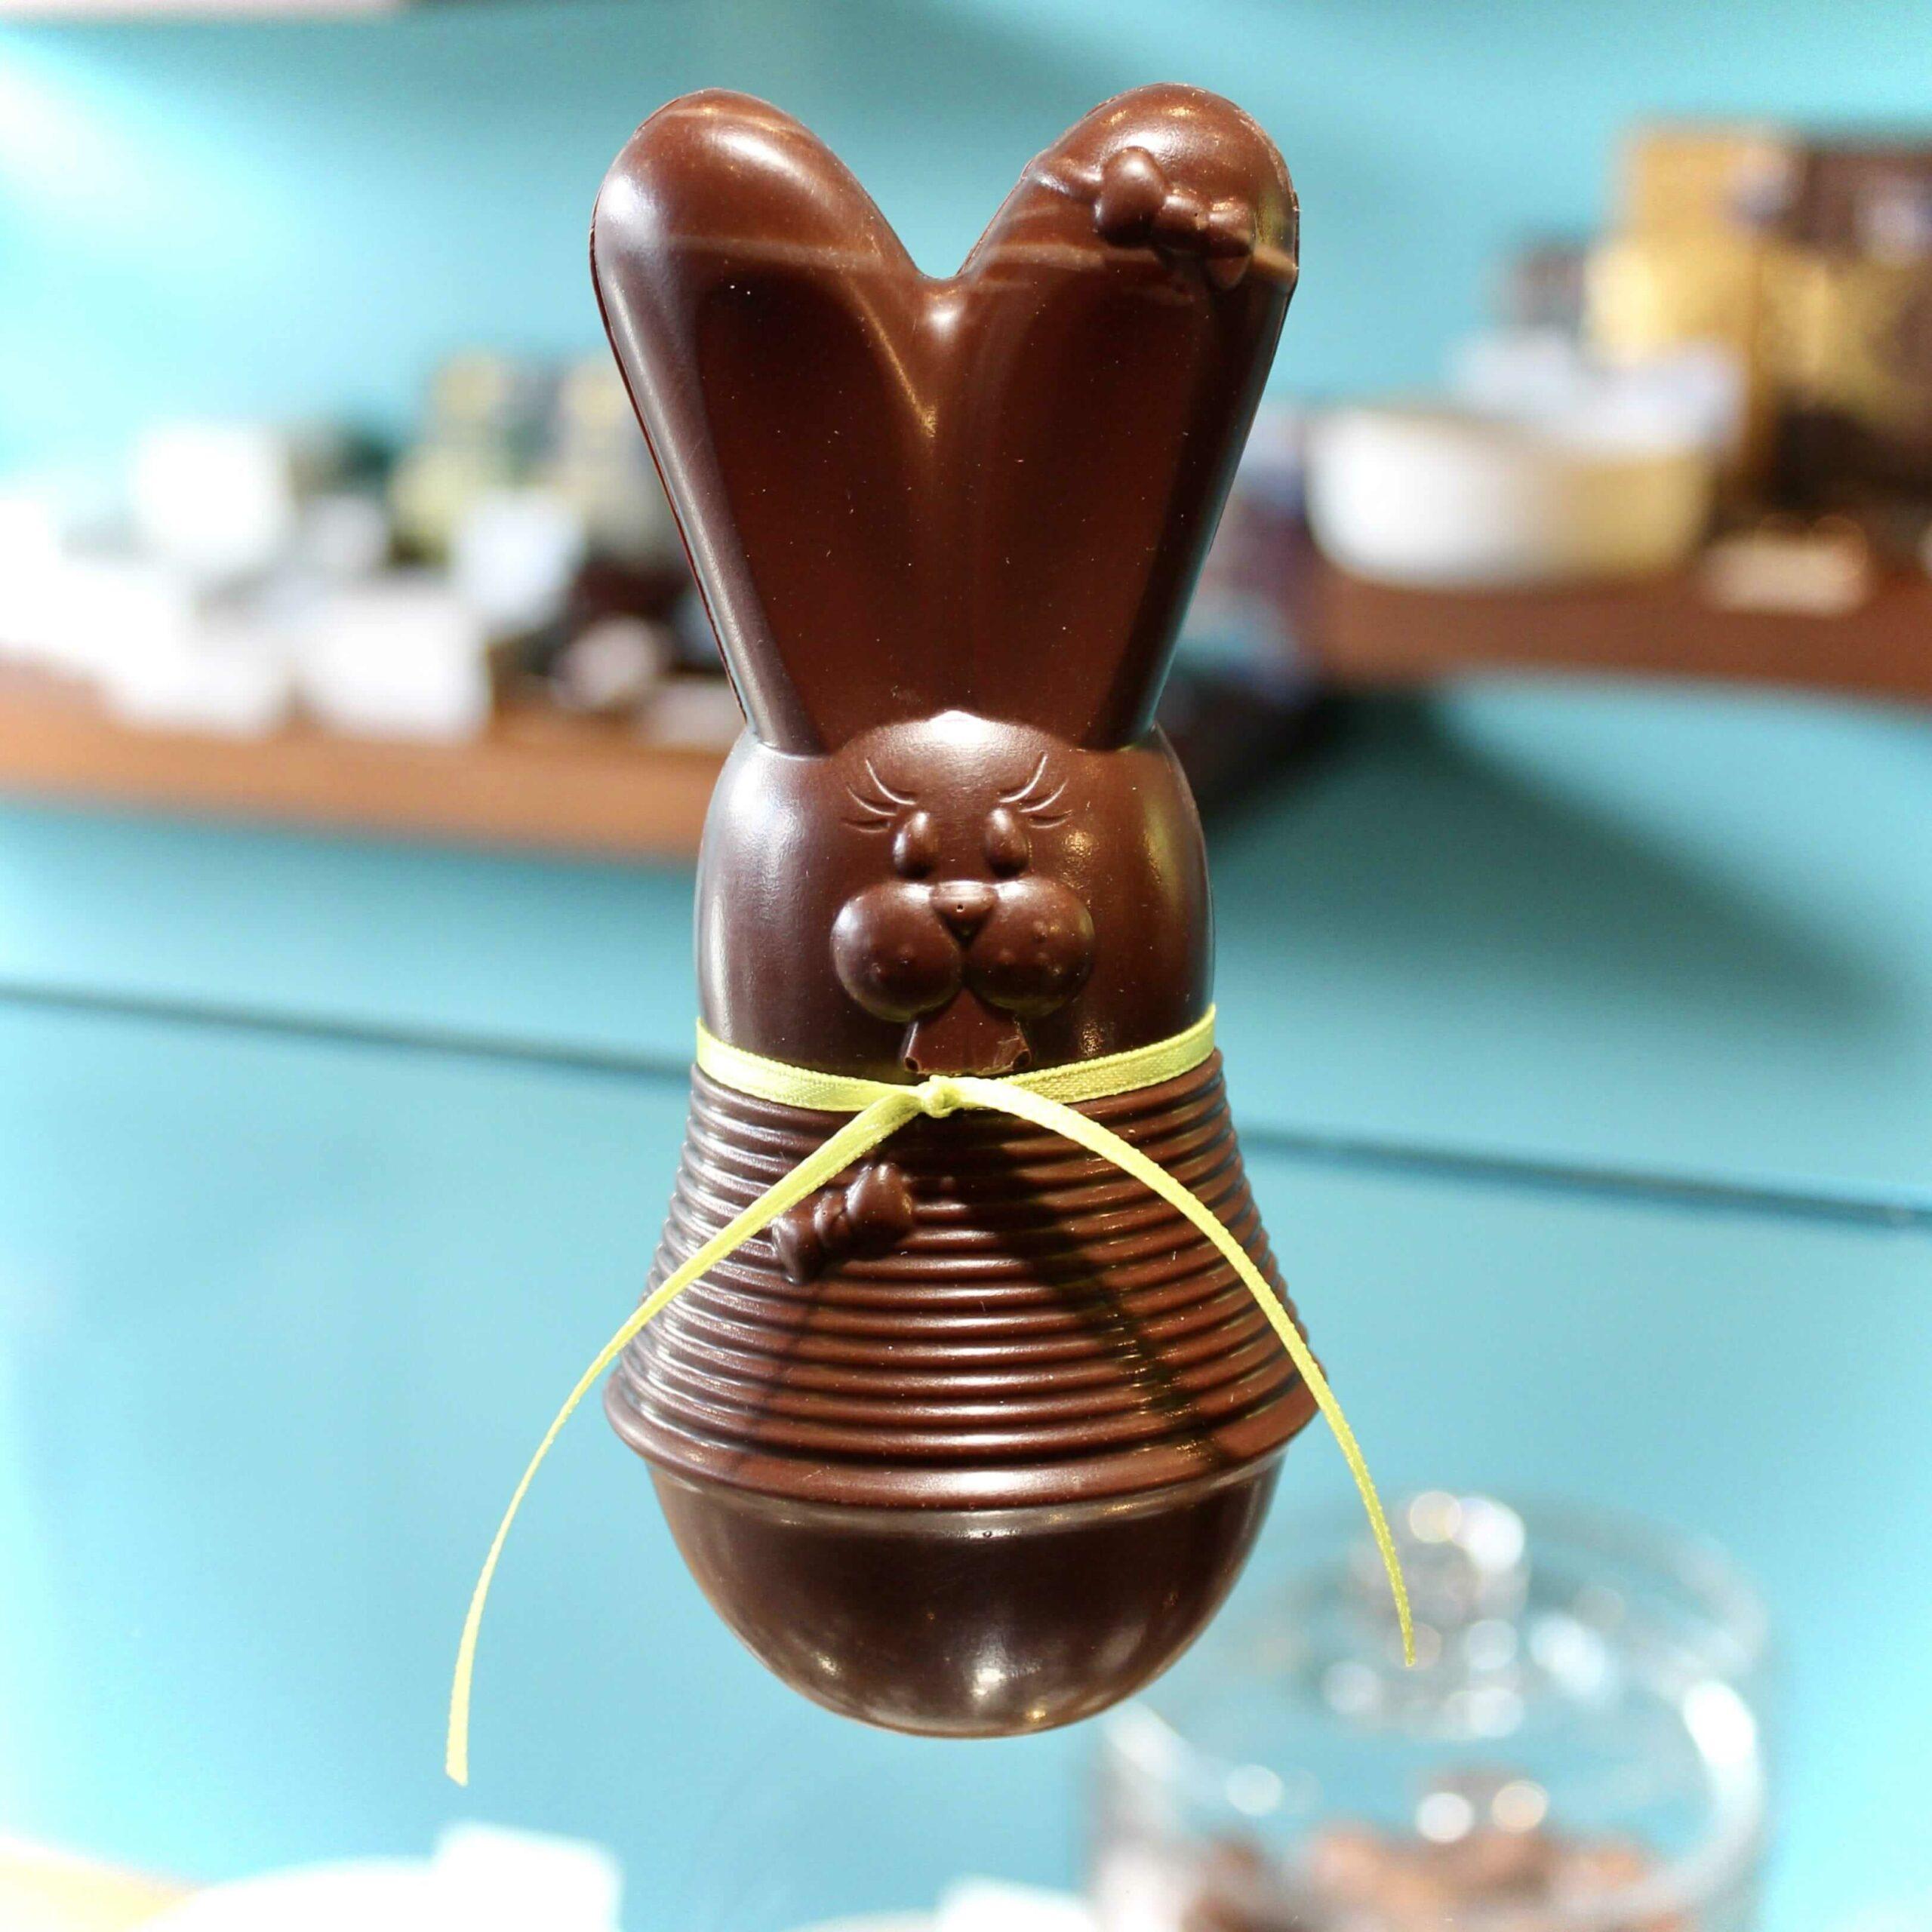 hilde devolder chocolatier easter 2021 easter rabbit 14 cm